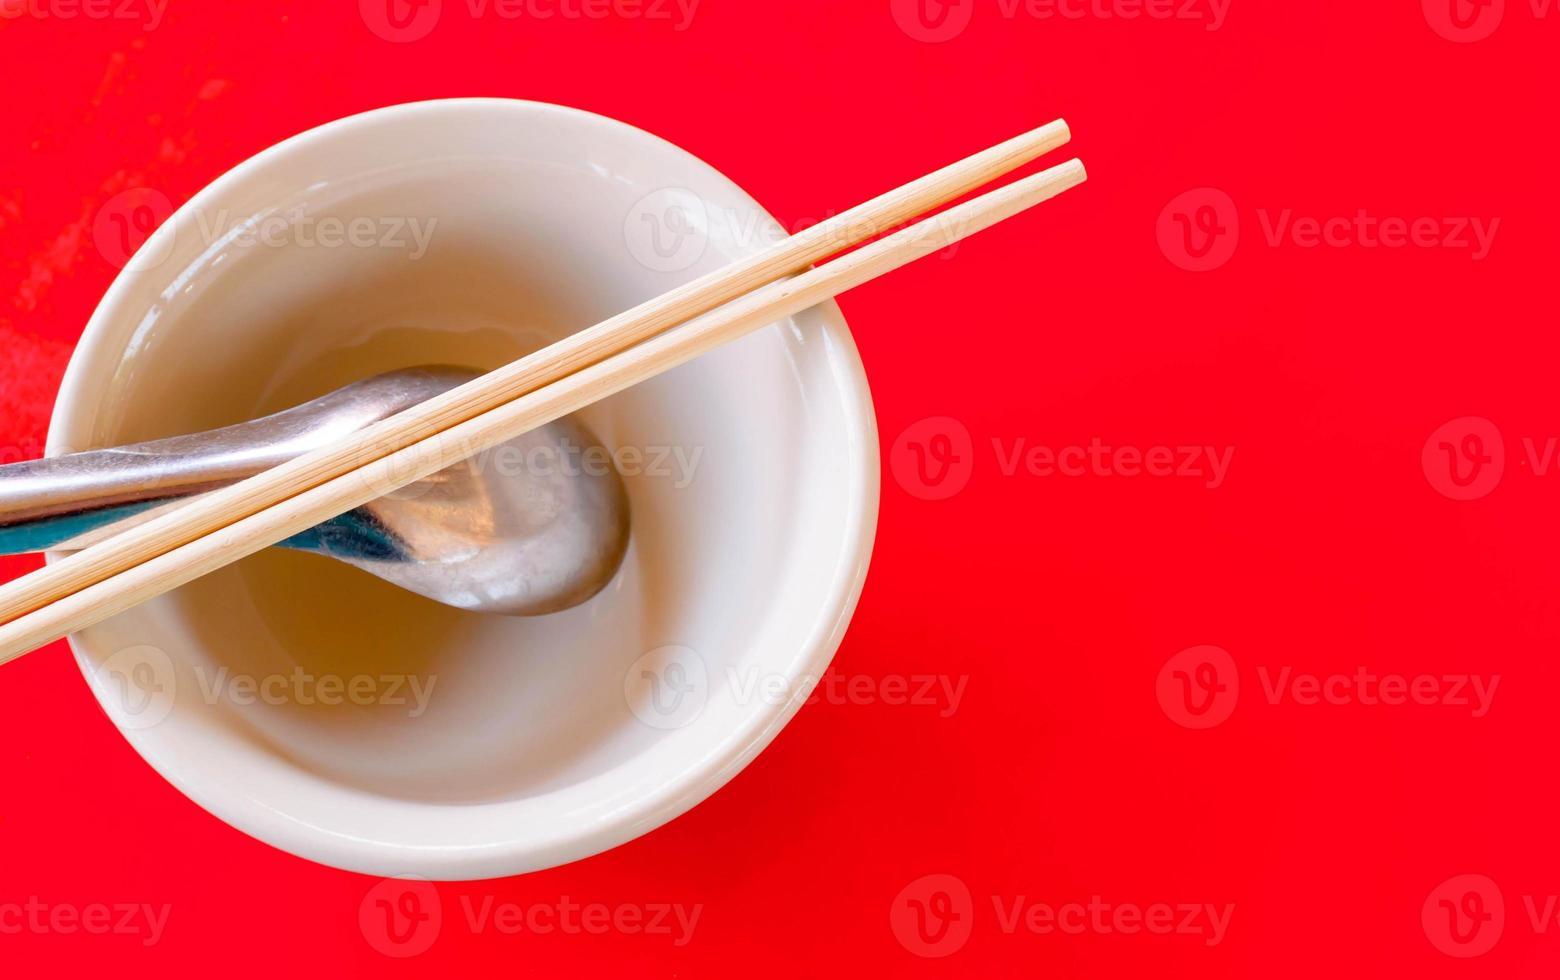 rijstkom en lepel en eetstokjes op de rode tafel foto